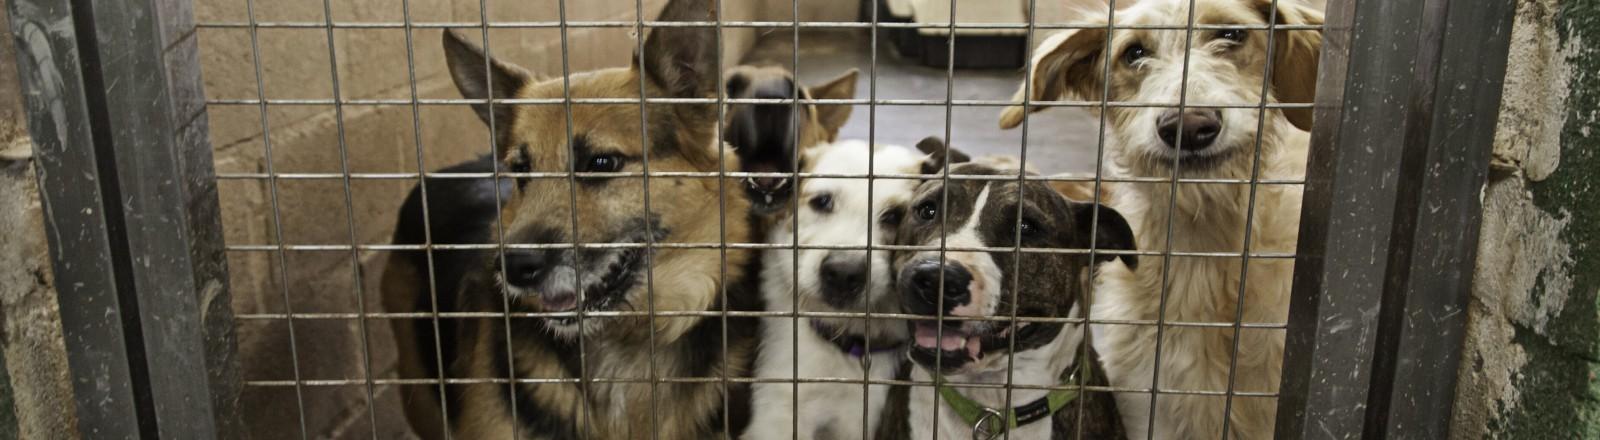 Vier Hunde, die sich in einem Käfig an die Gitterstäbe pressen